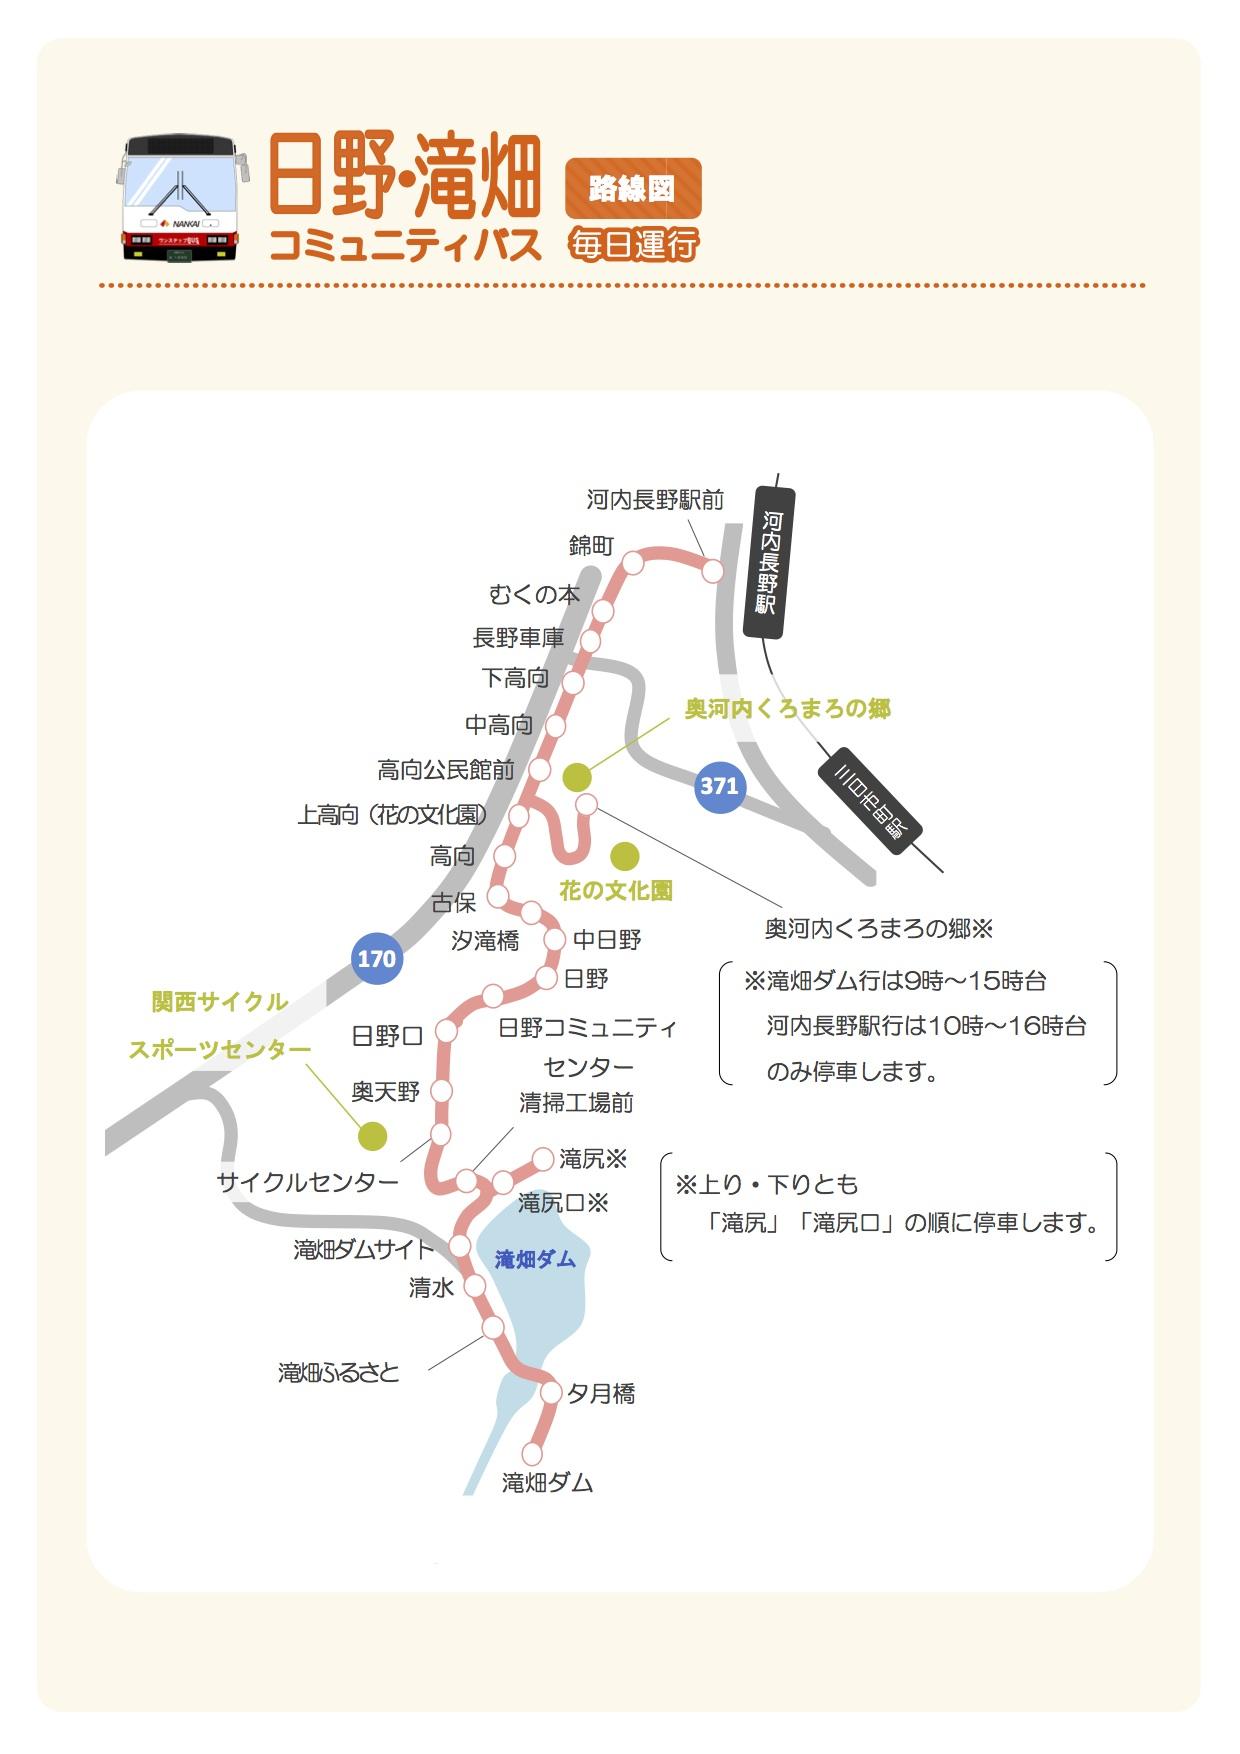 滝畑ダム路線図 のコピー.jpg